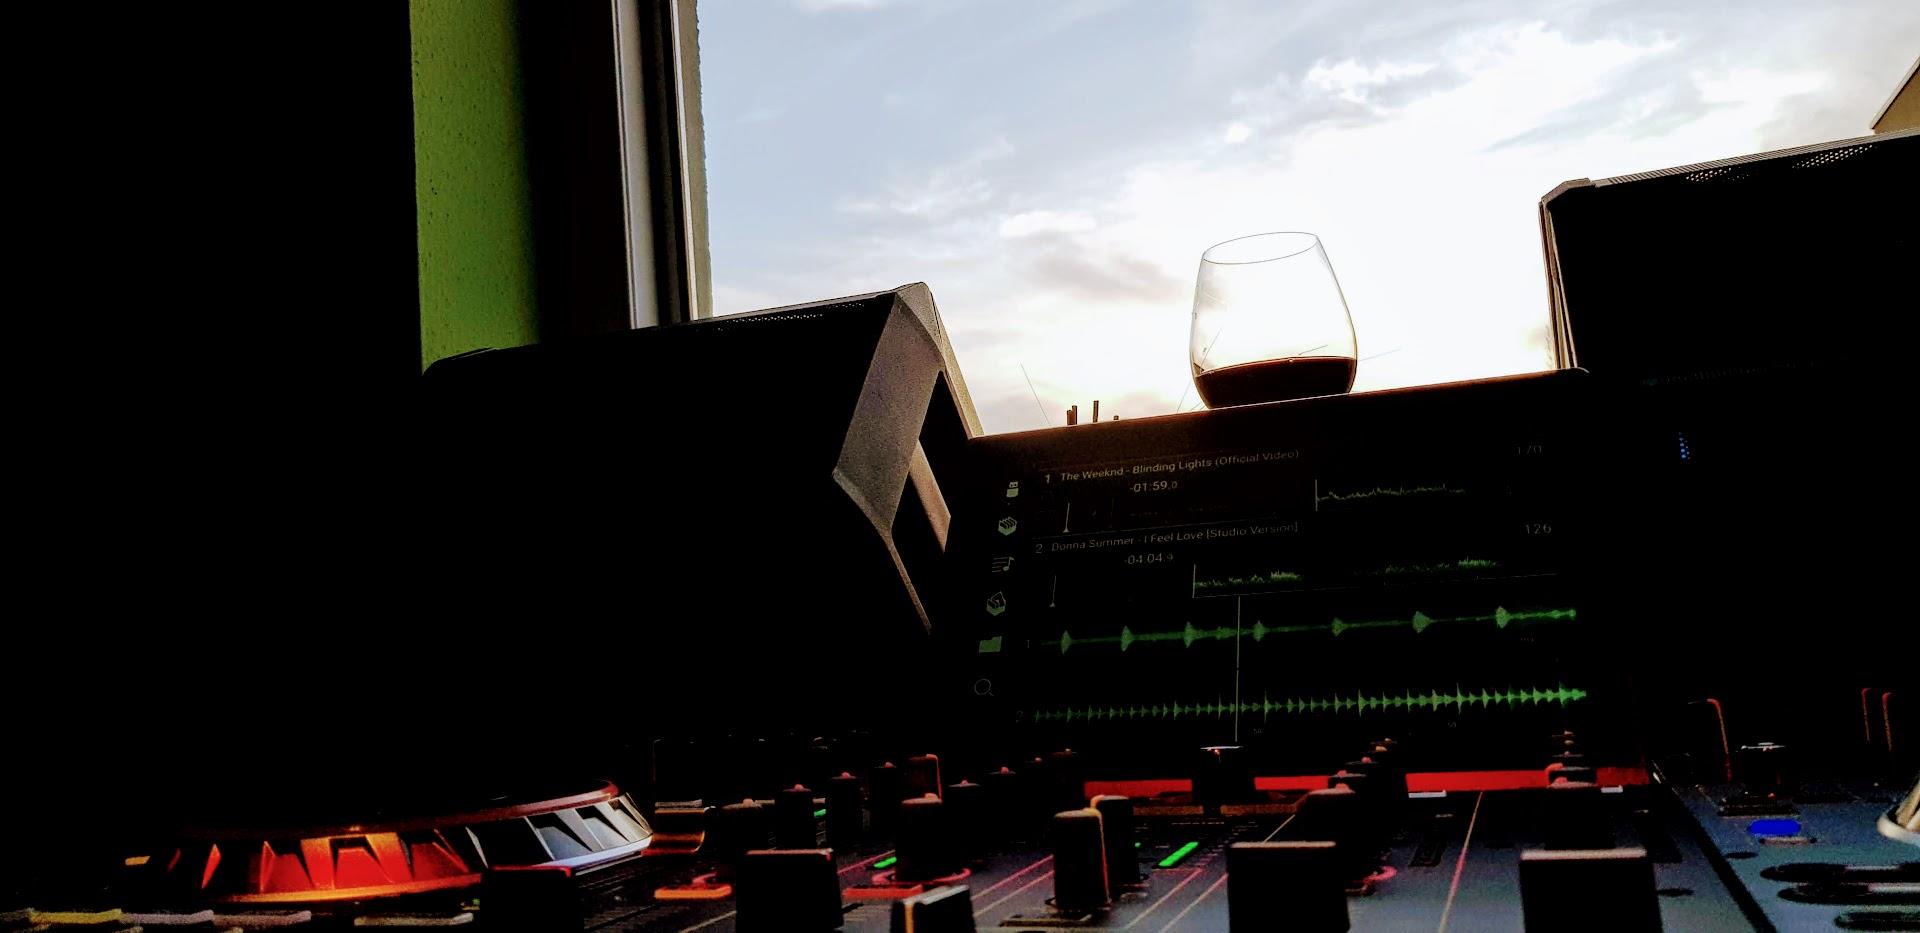 DJ at Demand - das externe Musiksystem zur Publikumsorientierten Musikgestaltung in Lokalen